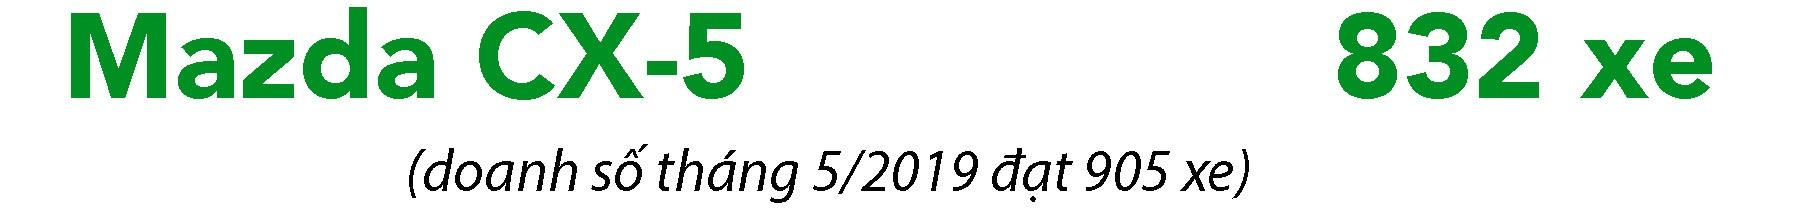 Phân khúc crossover tháng 6/2019: Xe lắp ráp trong nước bị lép vế? - 6